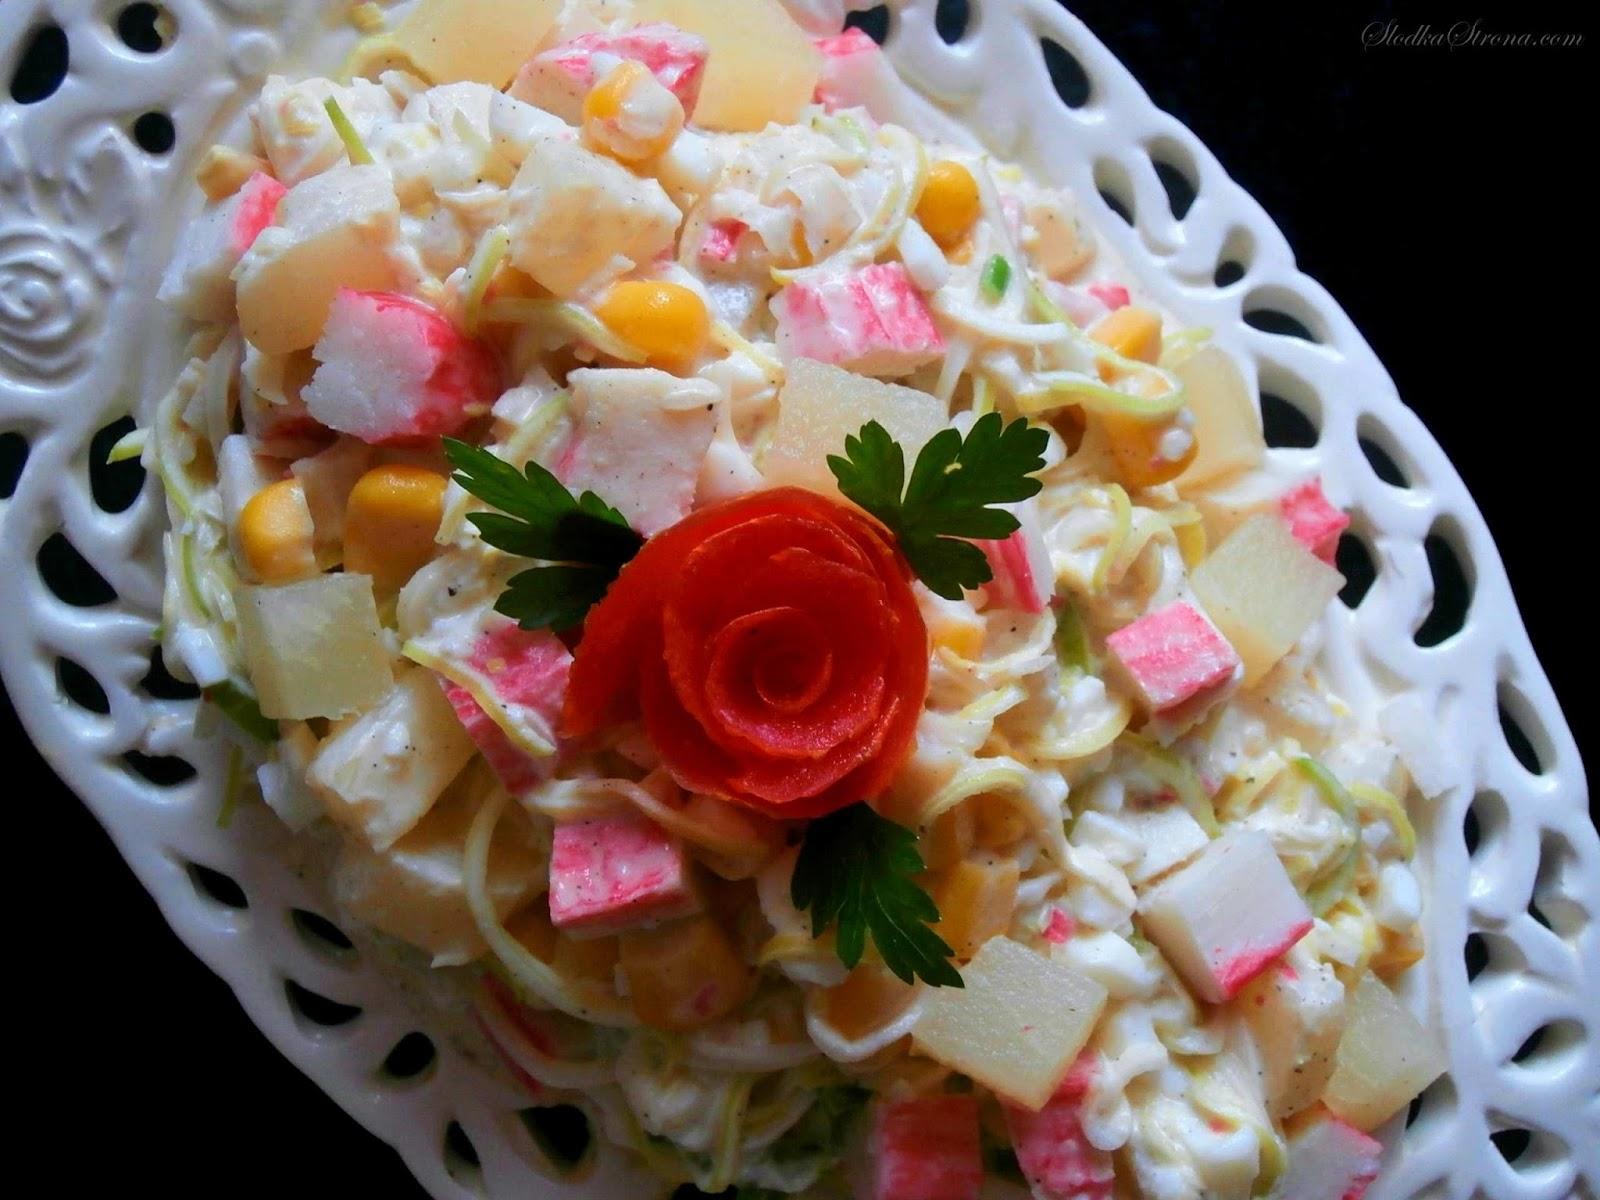 Sałatka z Paluszkami Krabowymi i Ananasem - Przepis - Słodka Strona roza z pomidora, rozyczki z pomidorow